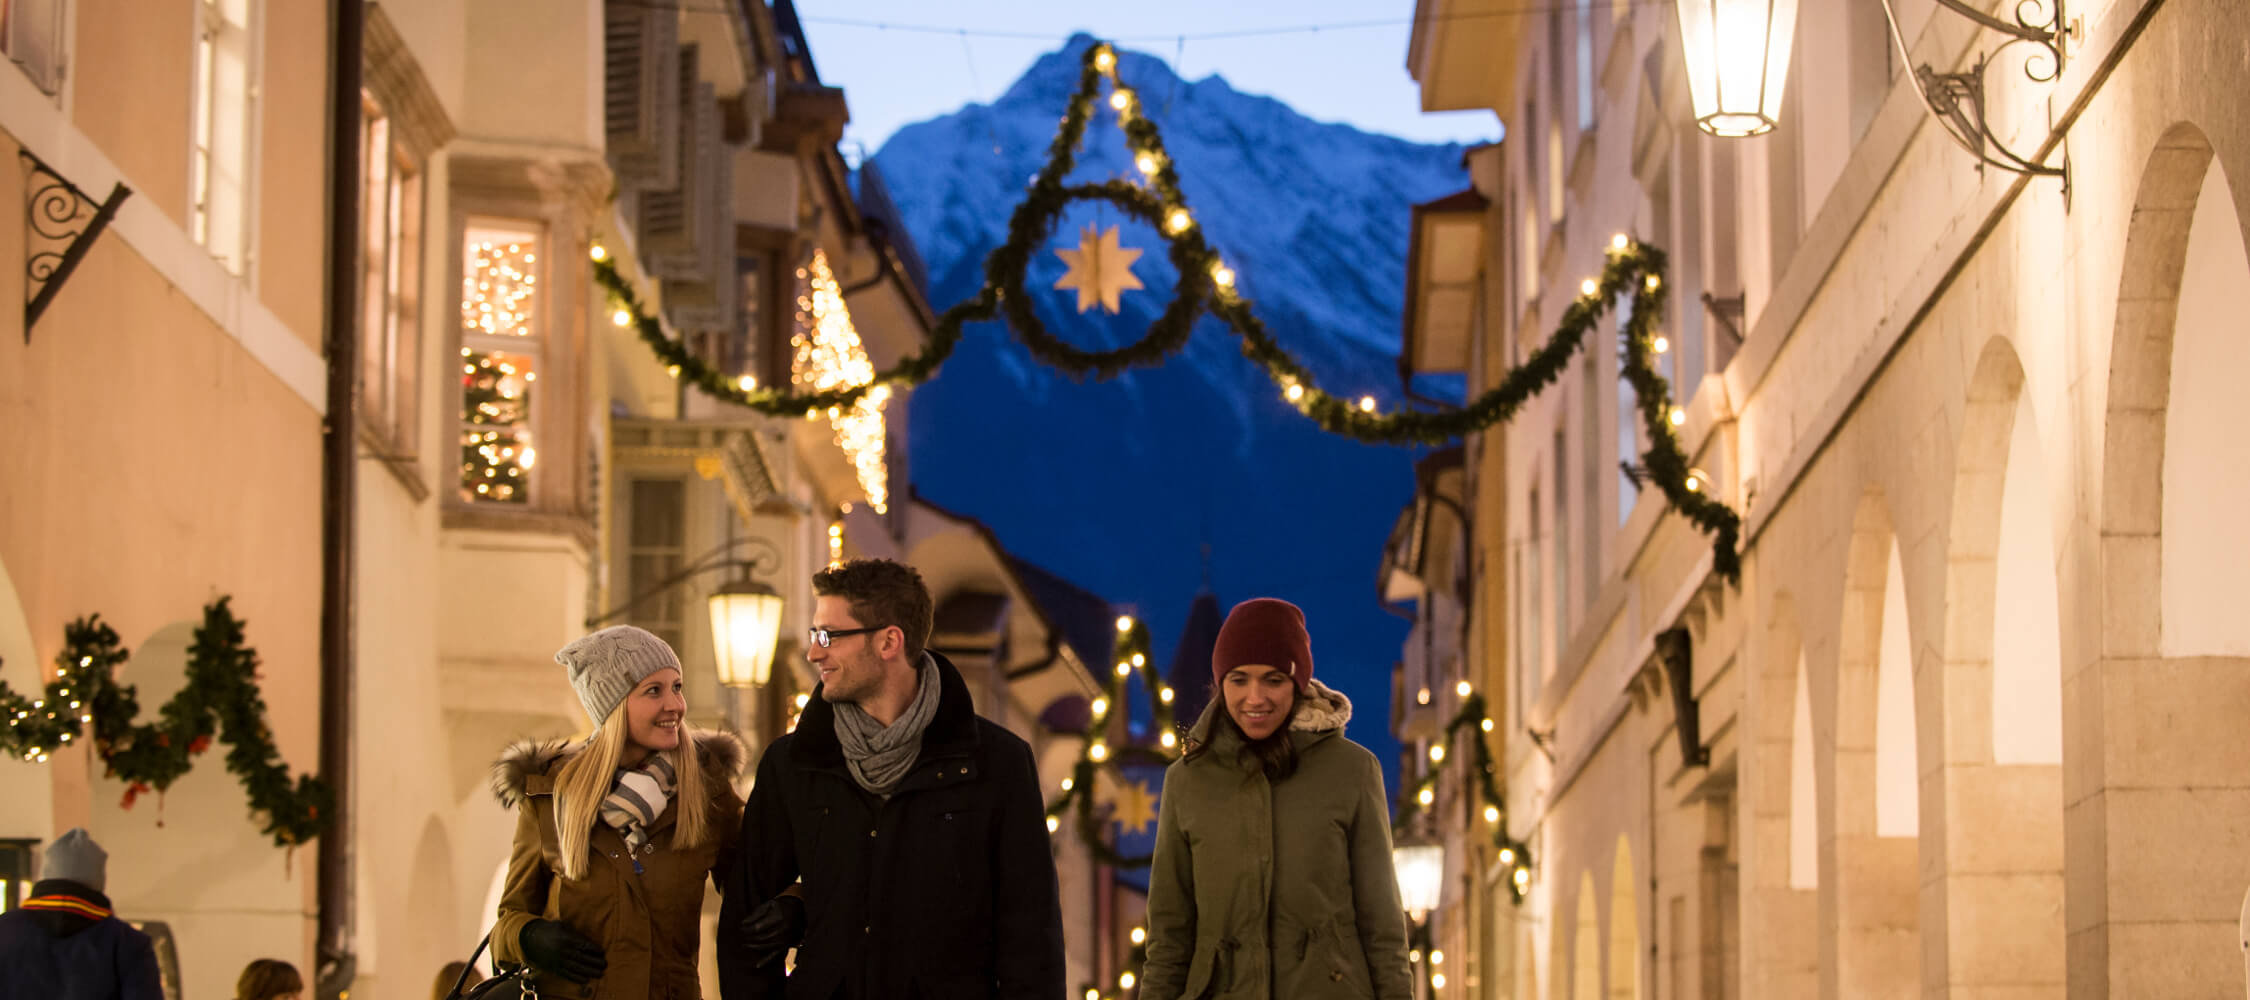 Italien-Trentino_Suedtirol_Alto_Adige_Merano_Meran_Erleben_Weihnachtsmarkt_Weihnachten_Winter_Nacht_Lauben_Kurverwaltung-Alex_Filz_DSC2440_2250x1000